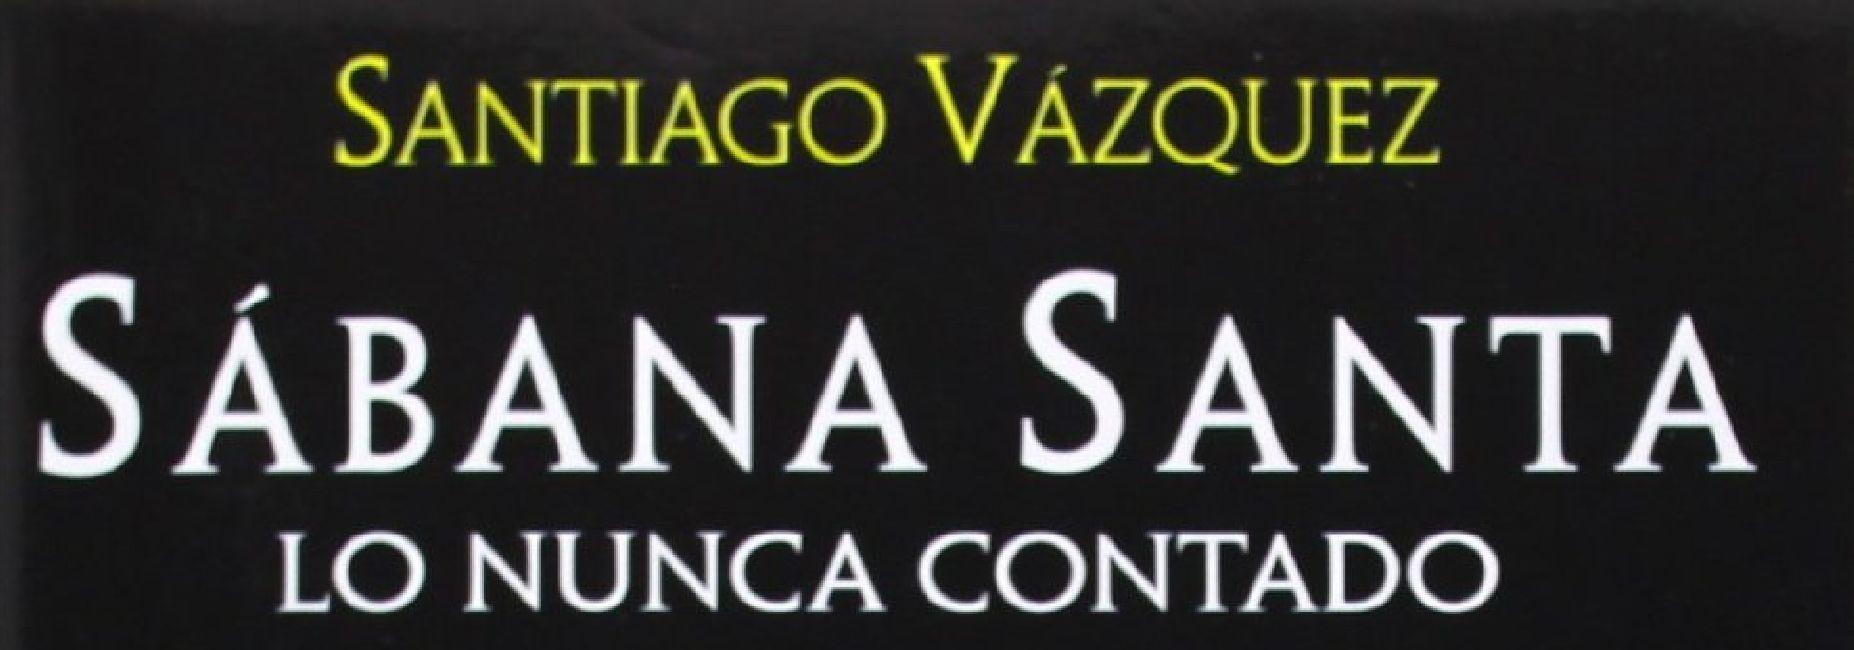 Sábana Santa. Lo nunca contado. Santiago Vázquez